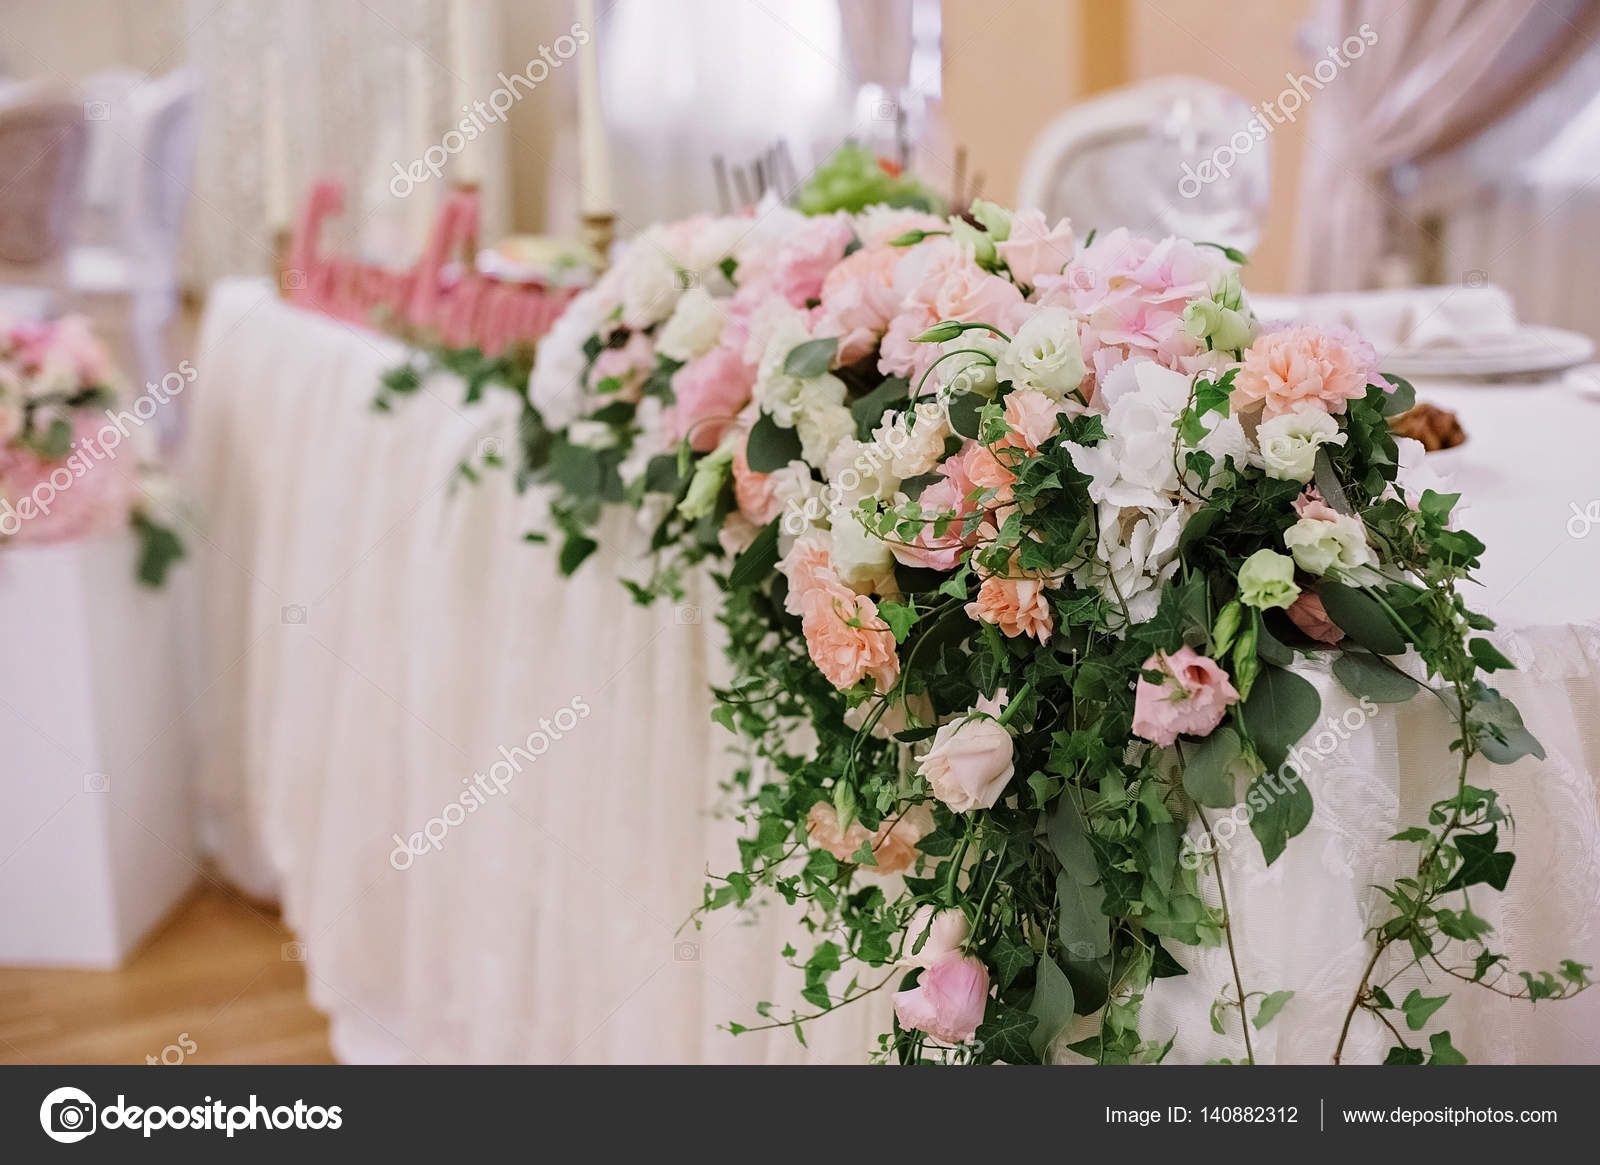 Liebenswert Tischdeko Blumen Hochzeit Sammlung Von Tischdekoration — Stockfoto